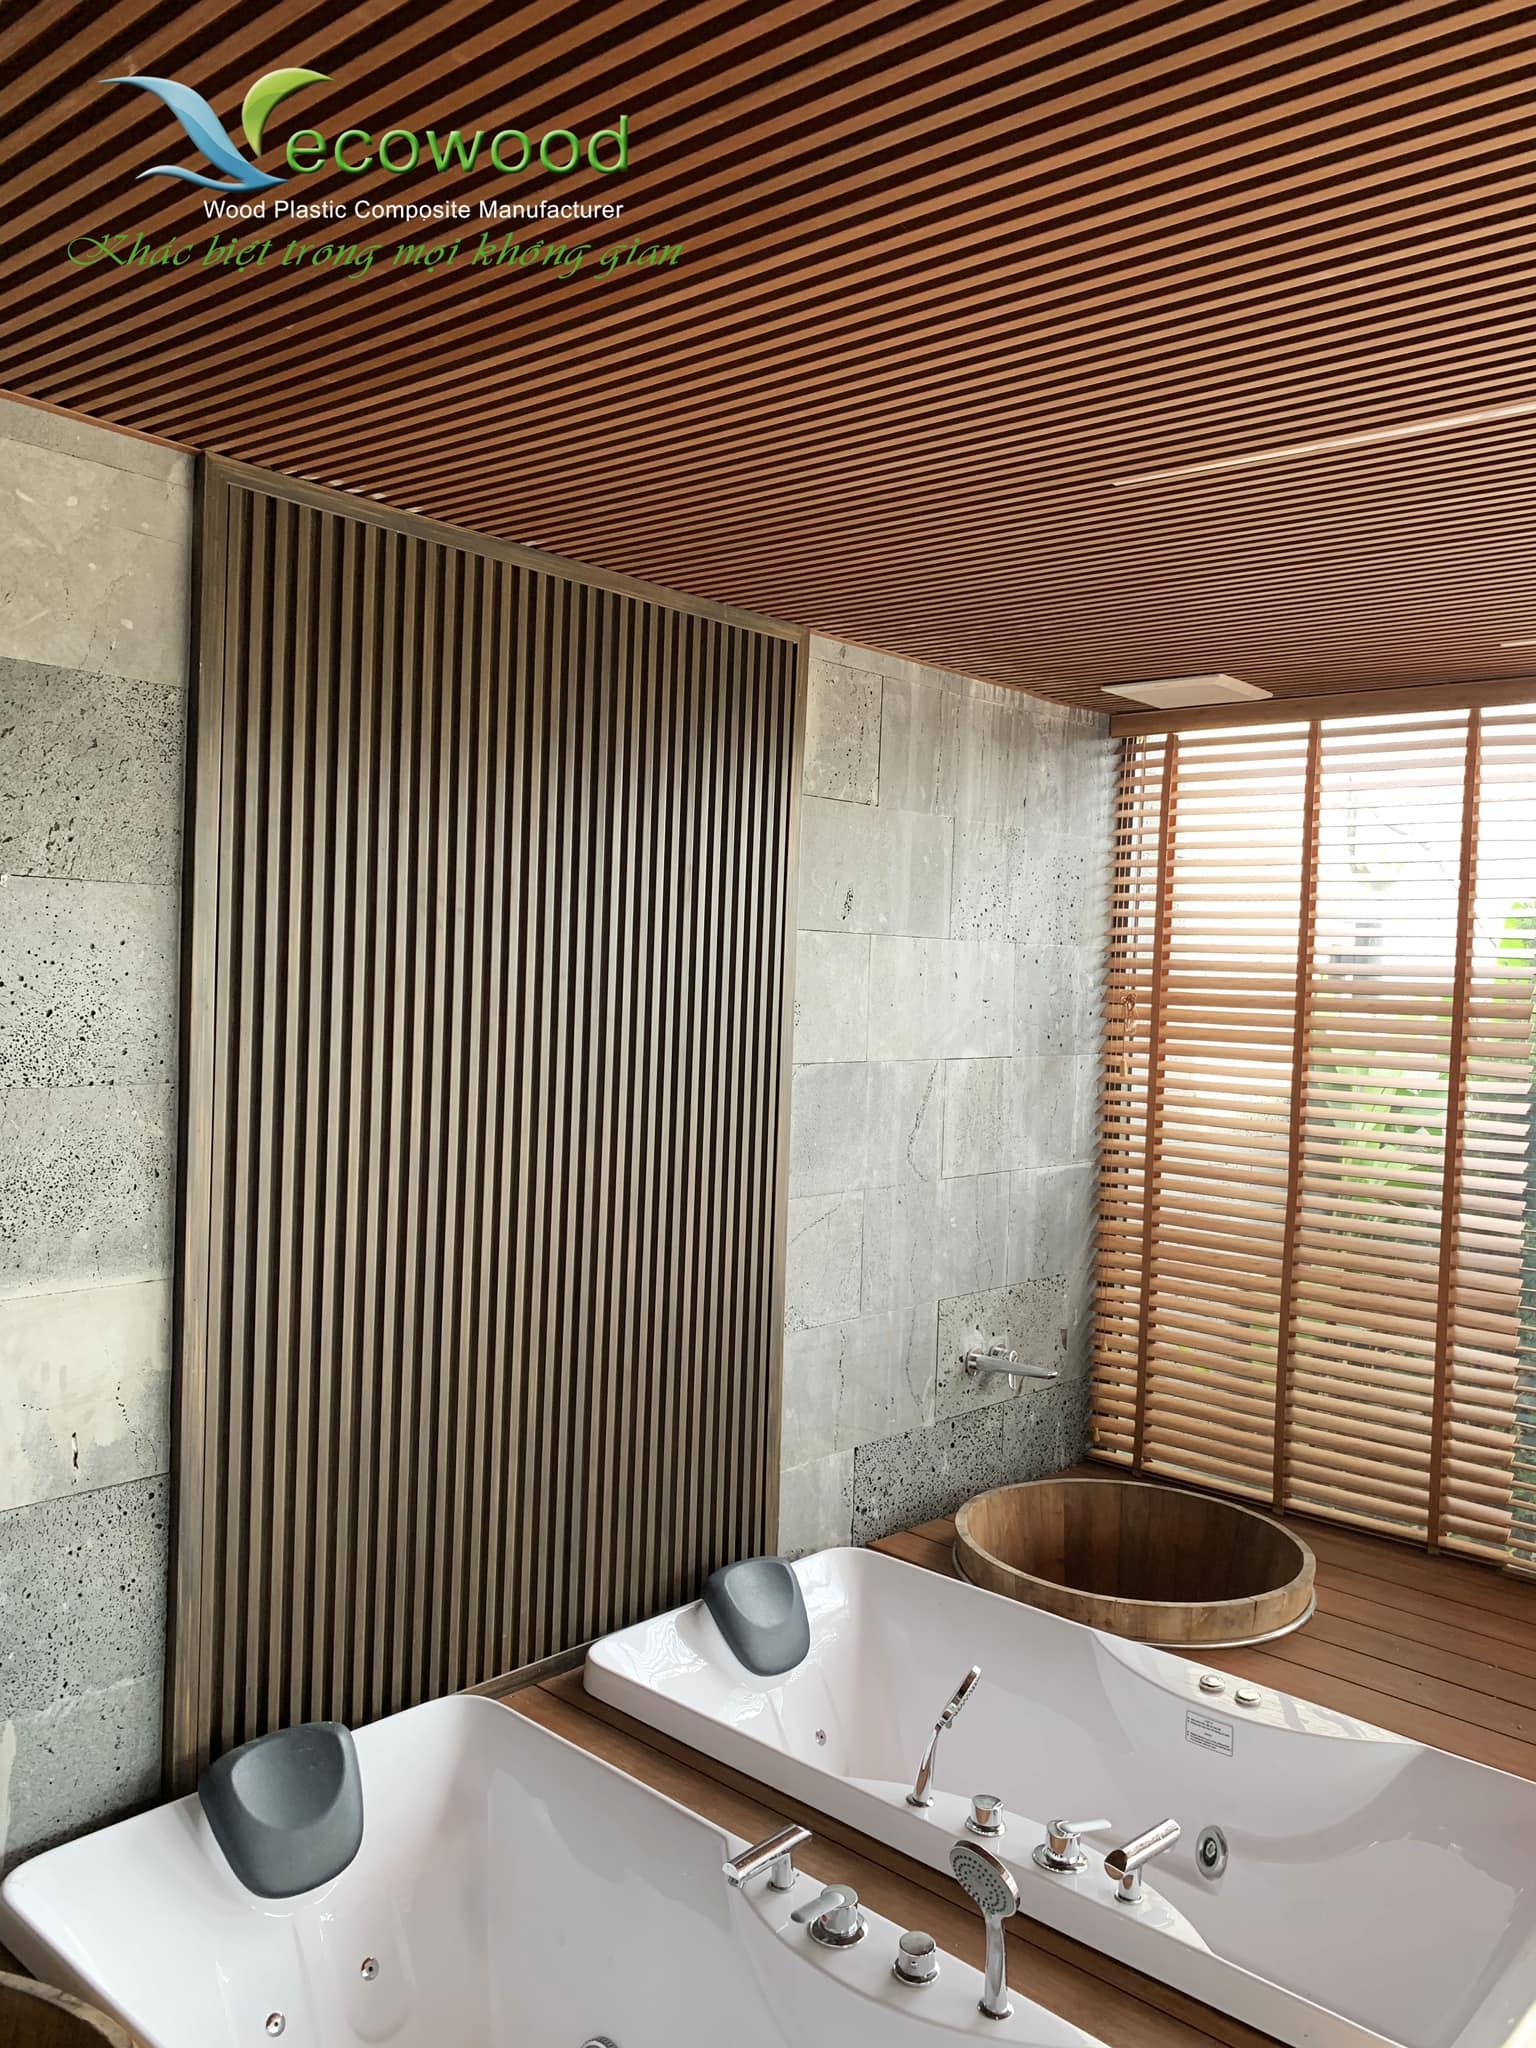 3 Tấm ốp tường trần gỗ nhựa mã QBO-37B hệ ốp vật liệu sinh thái